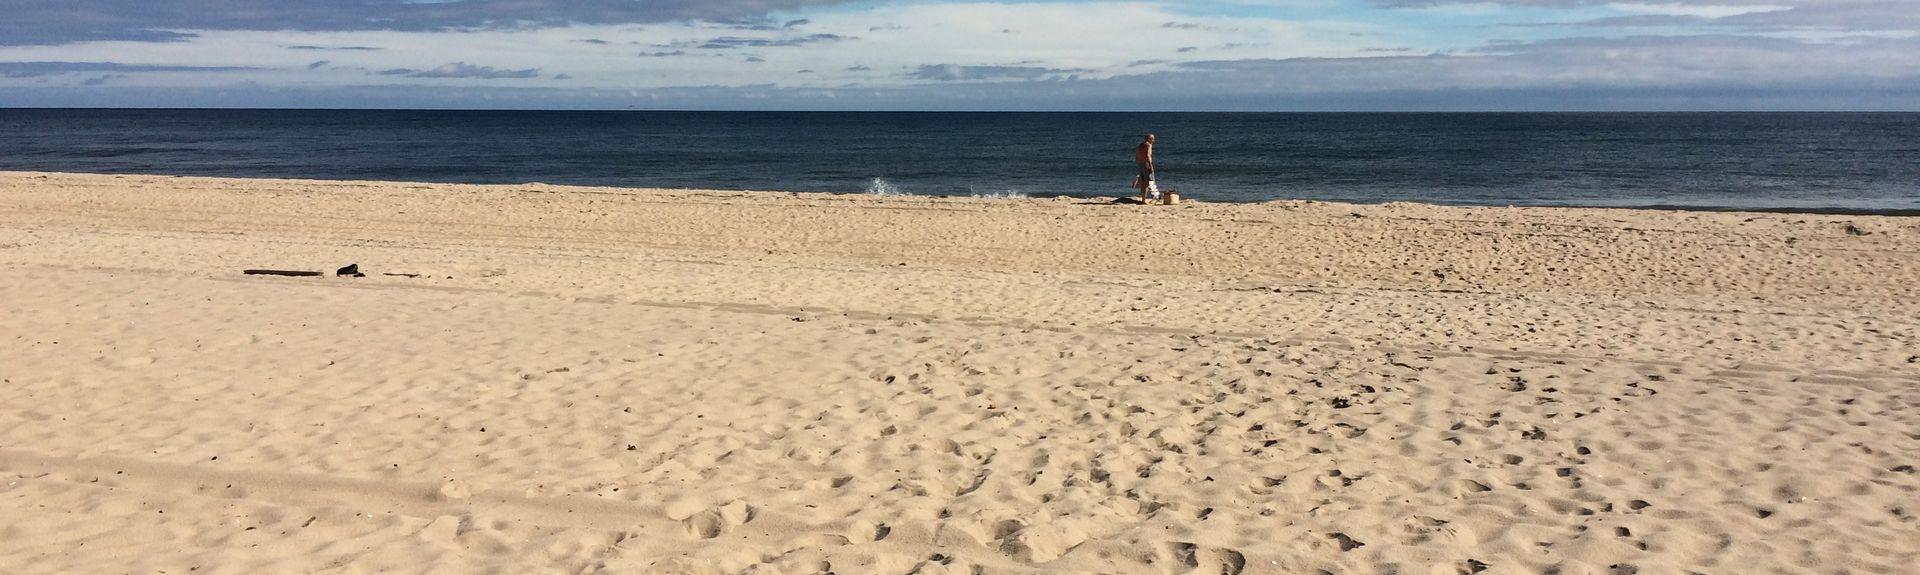 Amagansett Dunes, Amagansett, New York, Verenigde Staten